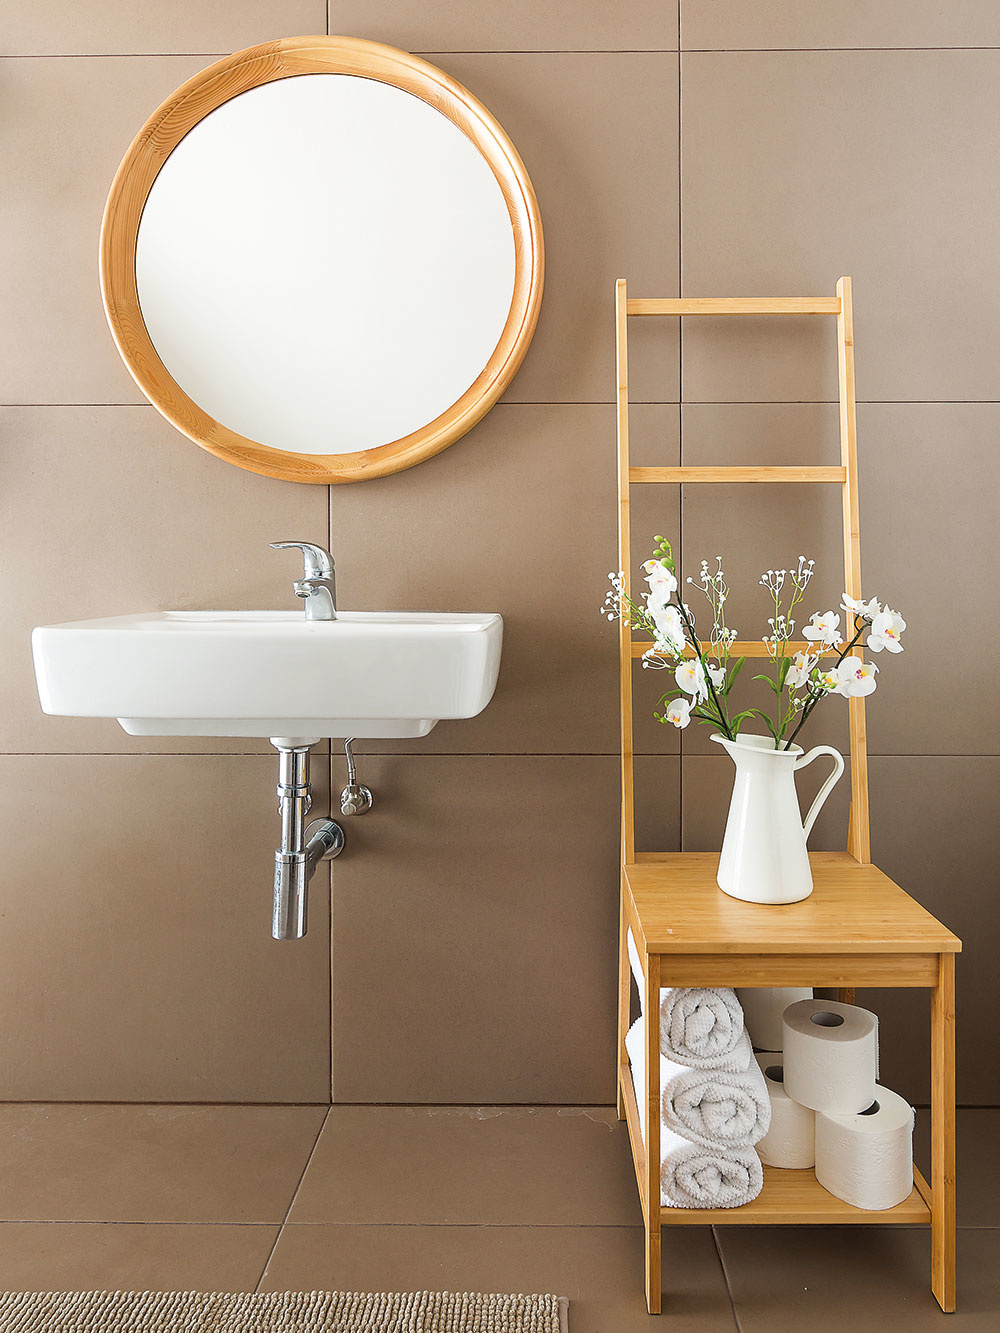 Kúpeľniam vcelom dome vládne rovnaká striedma jednoduchosť ako všetkým priestorom vdome. Zemité odtiene obkladu sú tu alternatívnou kinde dominantnej bielej farbe stien.